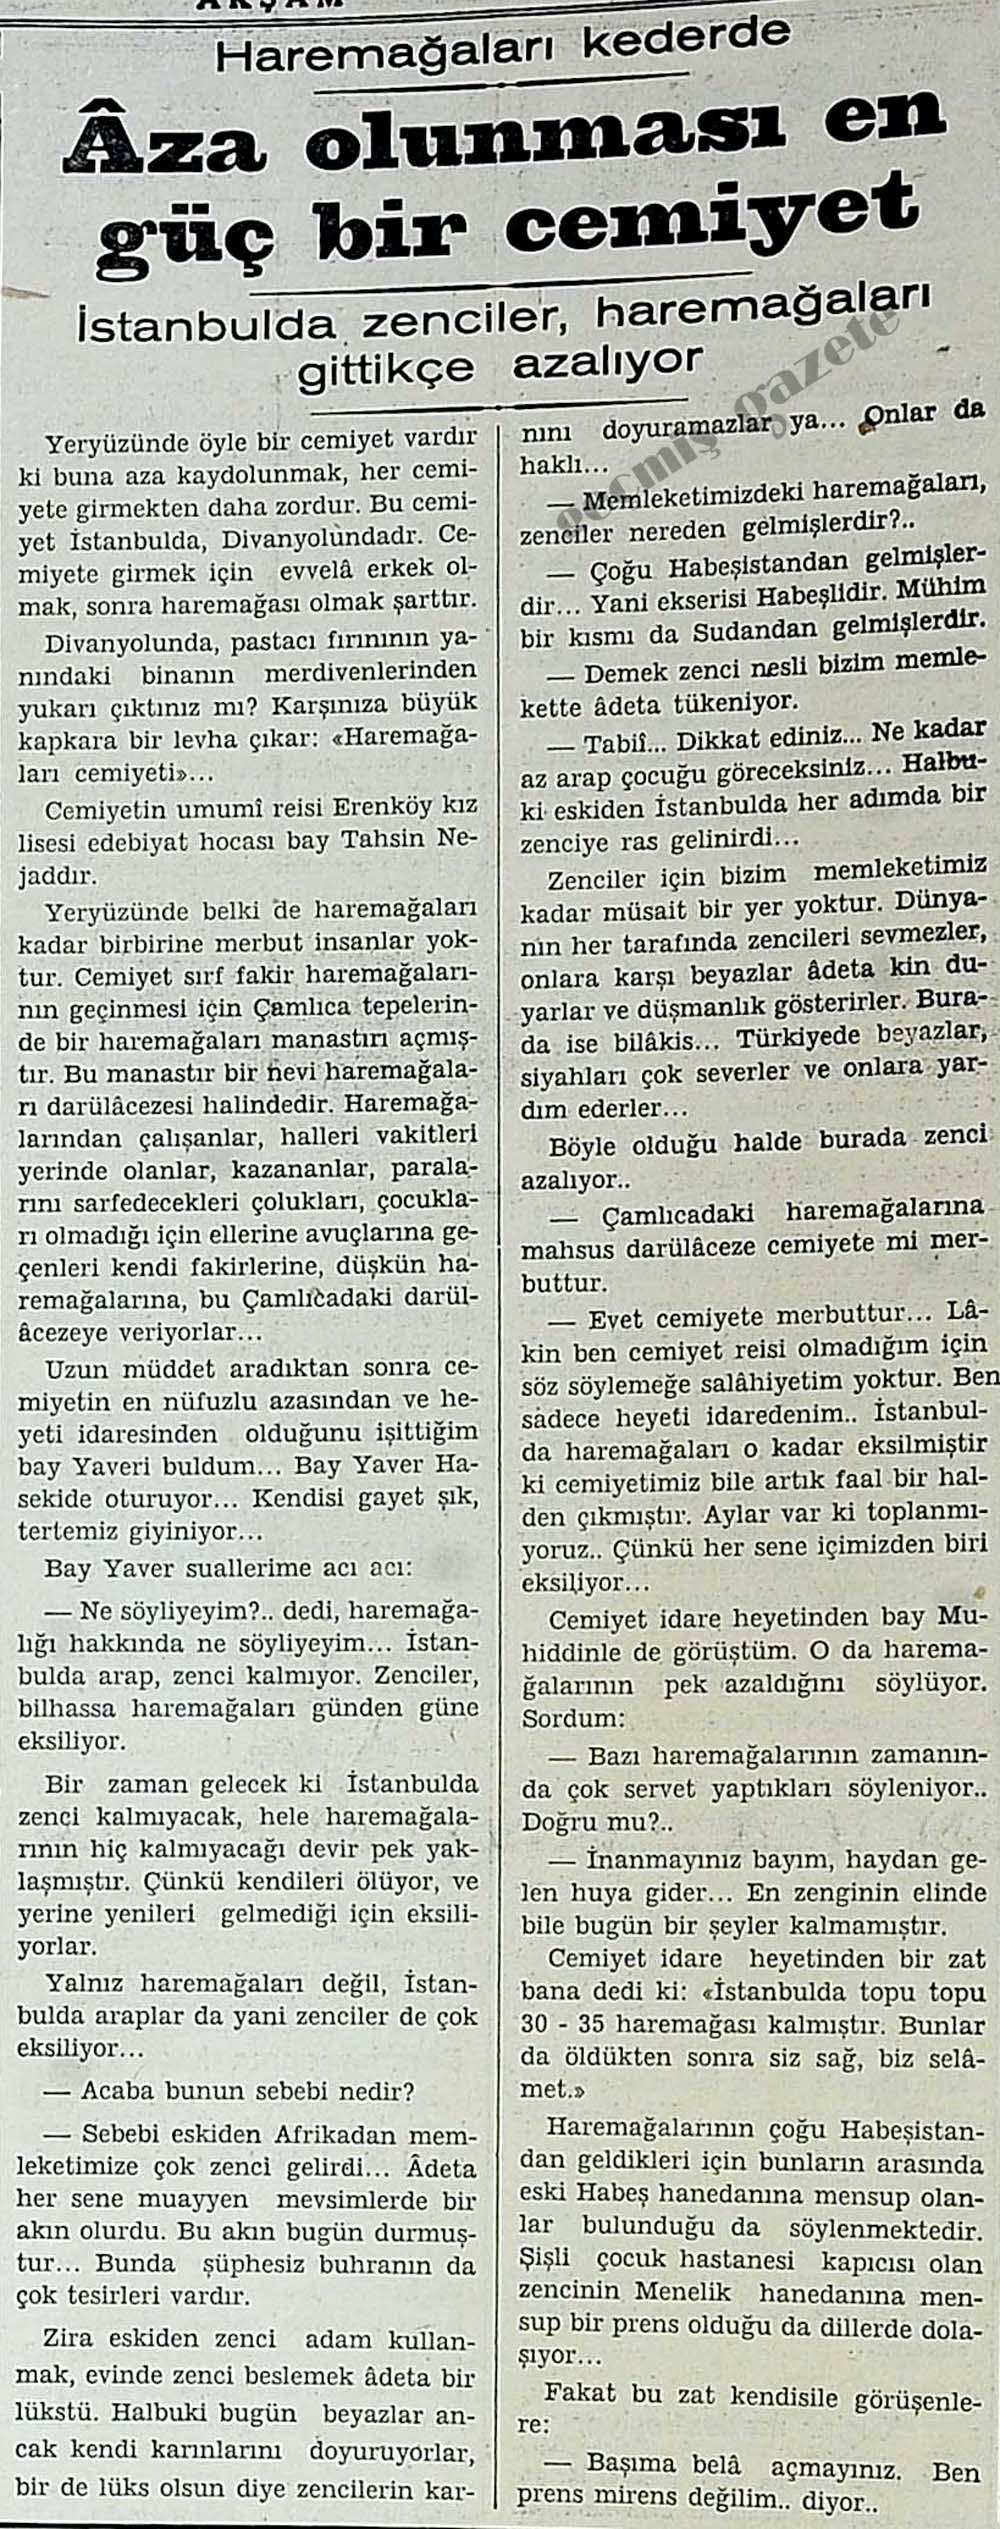 İstanbulda zenciler, haremağaları gittikçe azalıyor